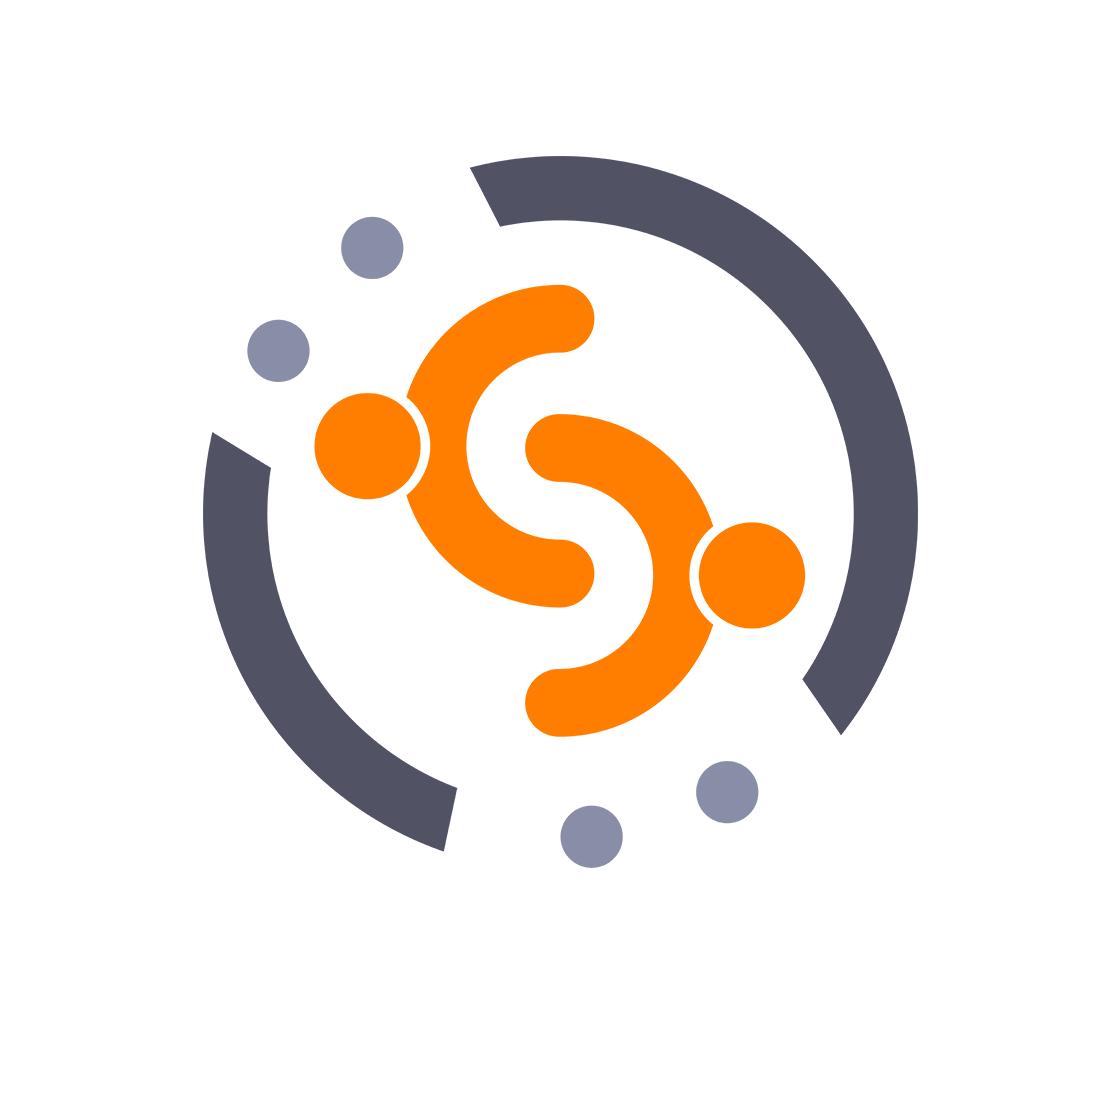 SmartBitPoint Tron logo